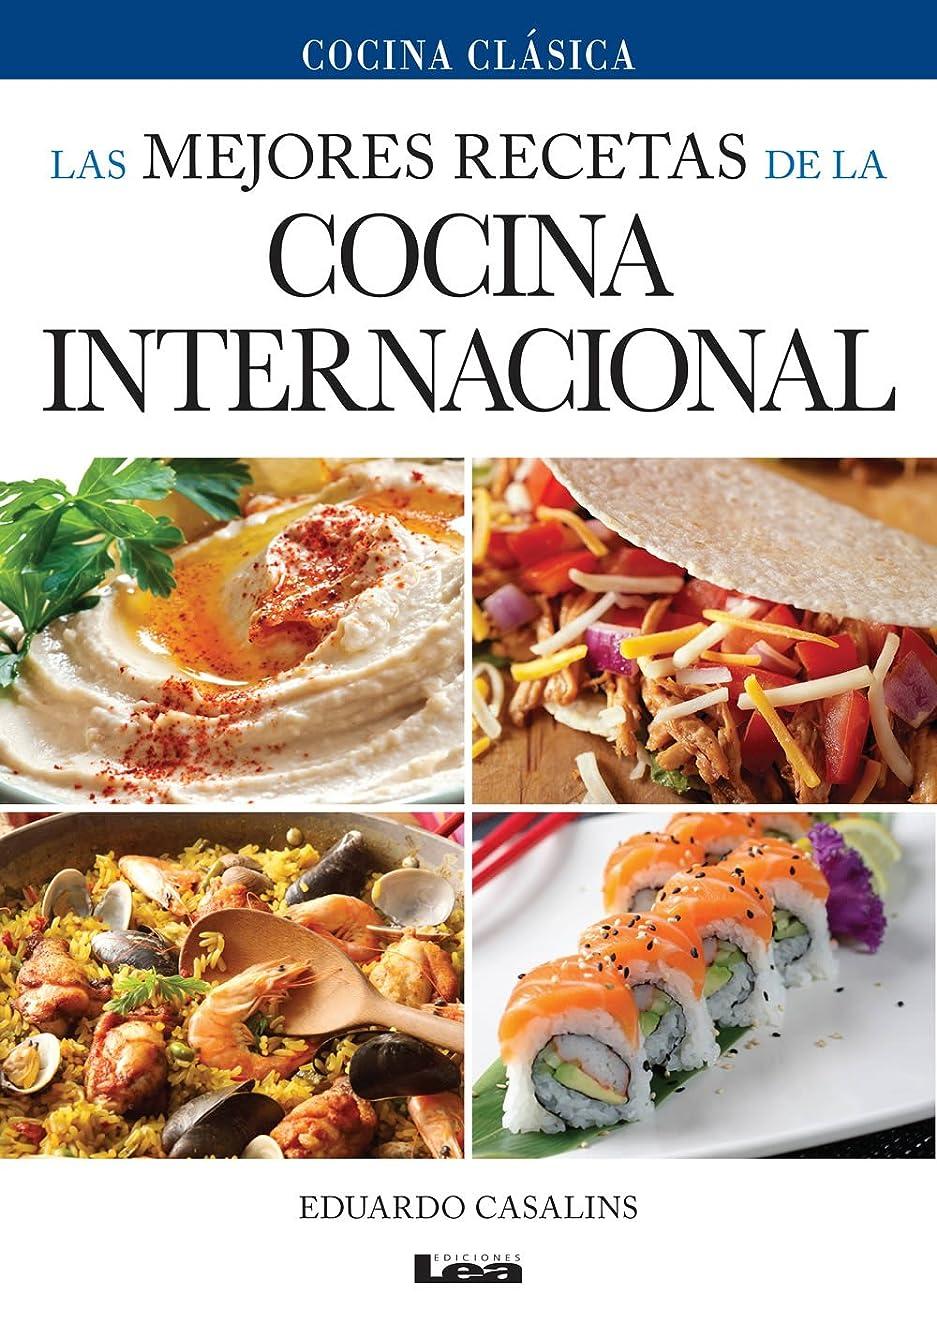 Las mejores recetas de la cocina internacional (Spanish Edition)